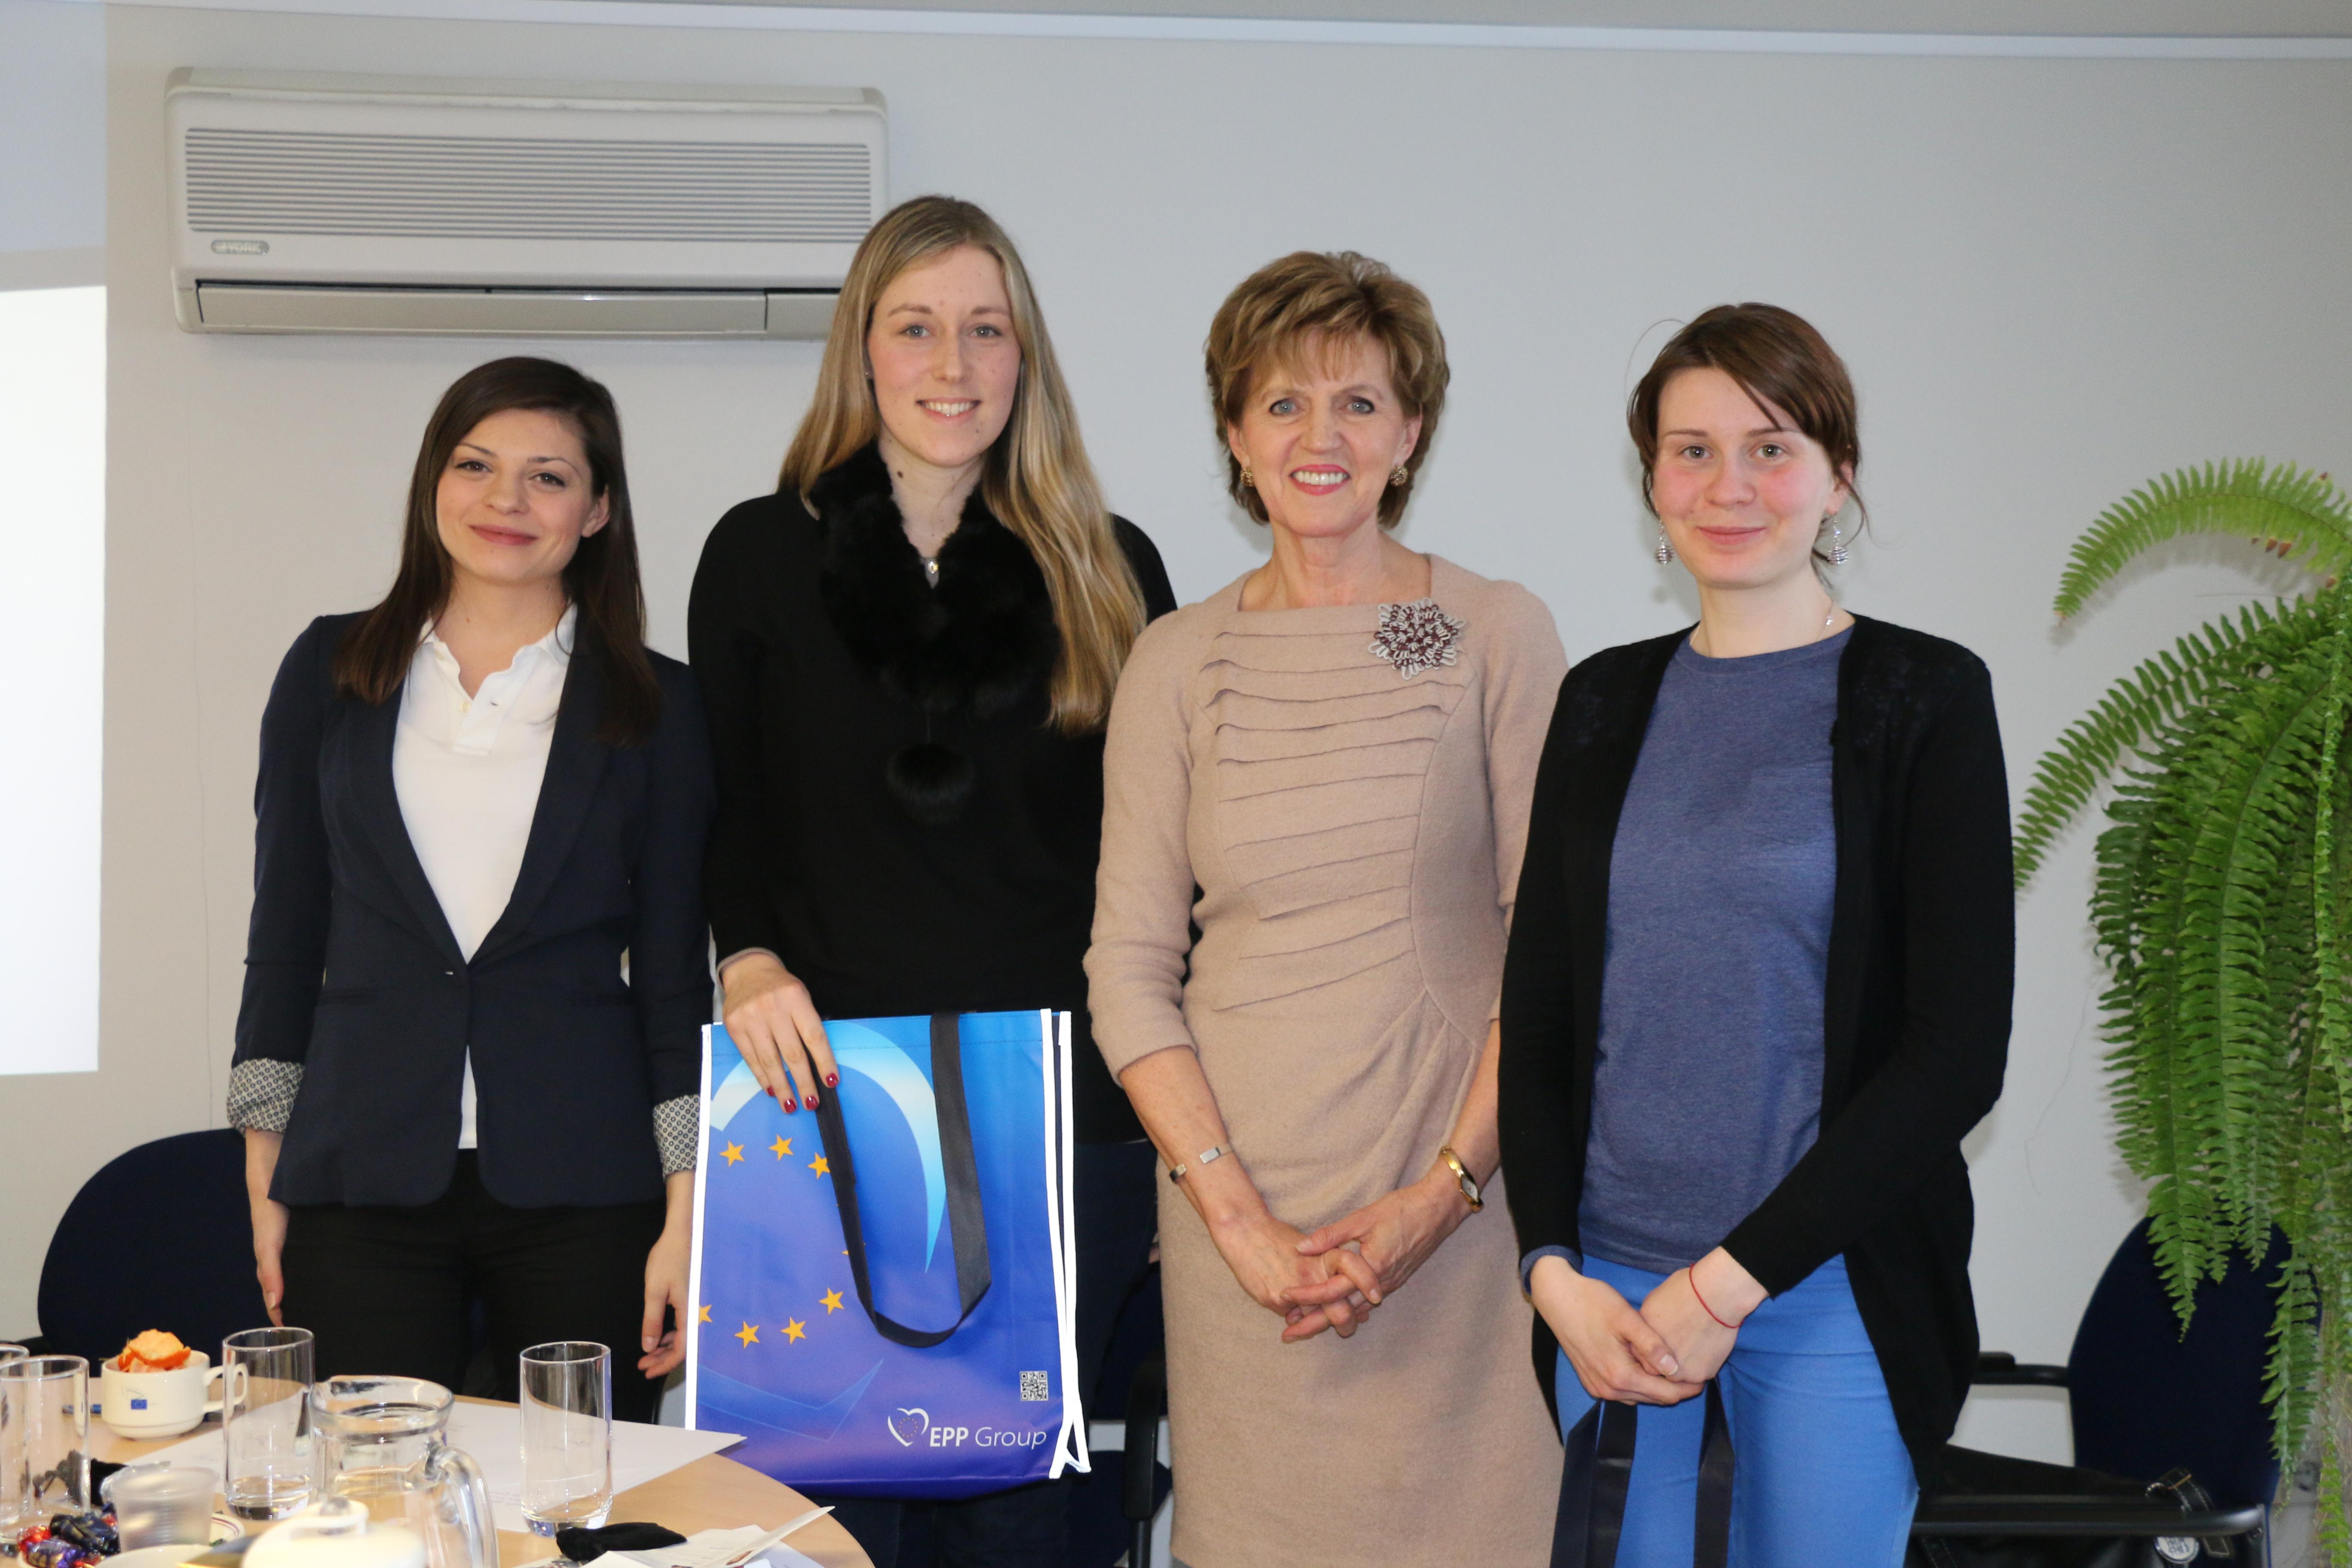 Diskusija ar studentiem par jauniešu bezdarbu un iespējām Eiropas Savienībā